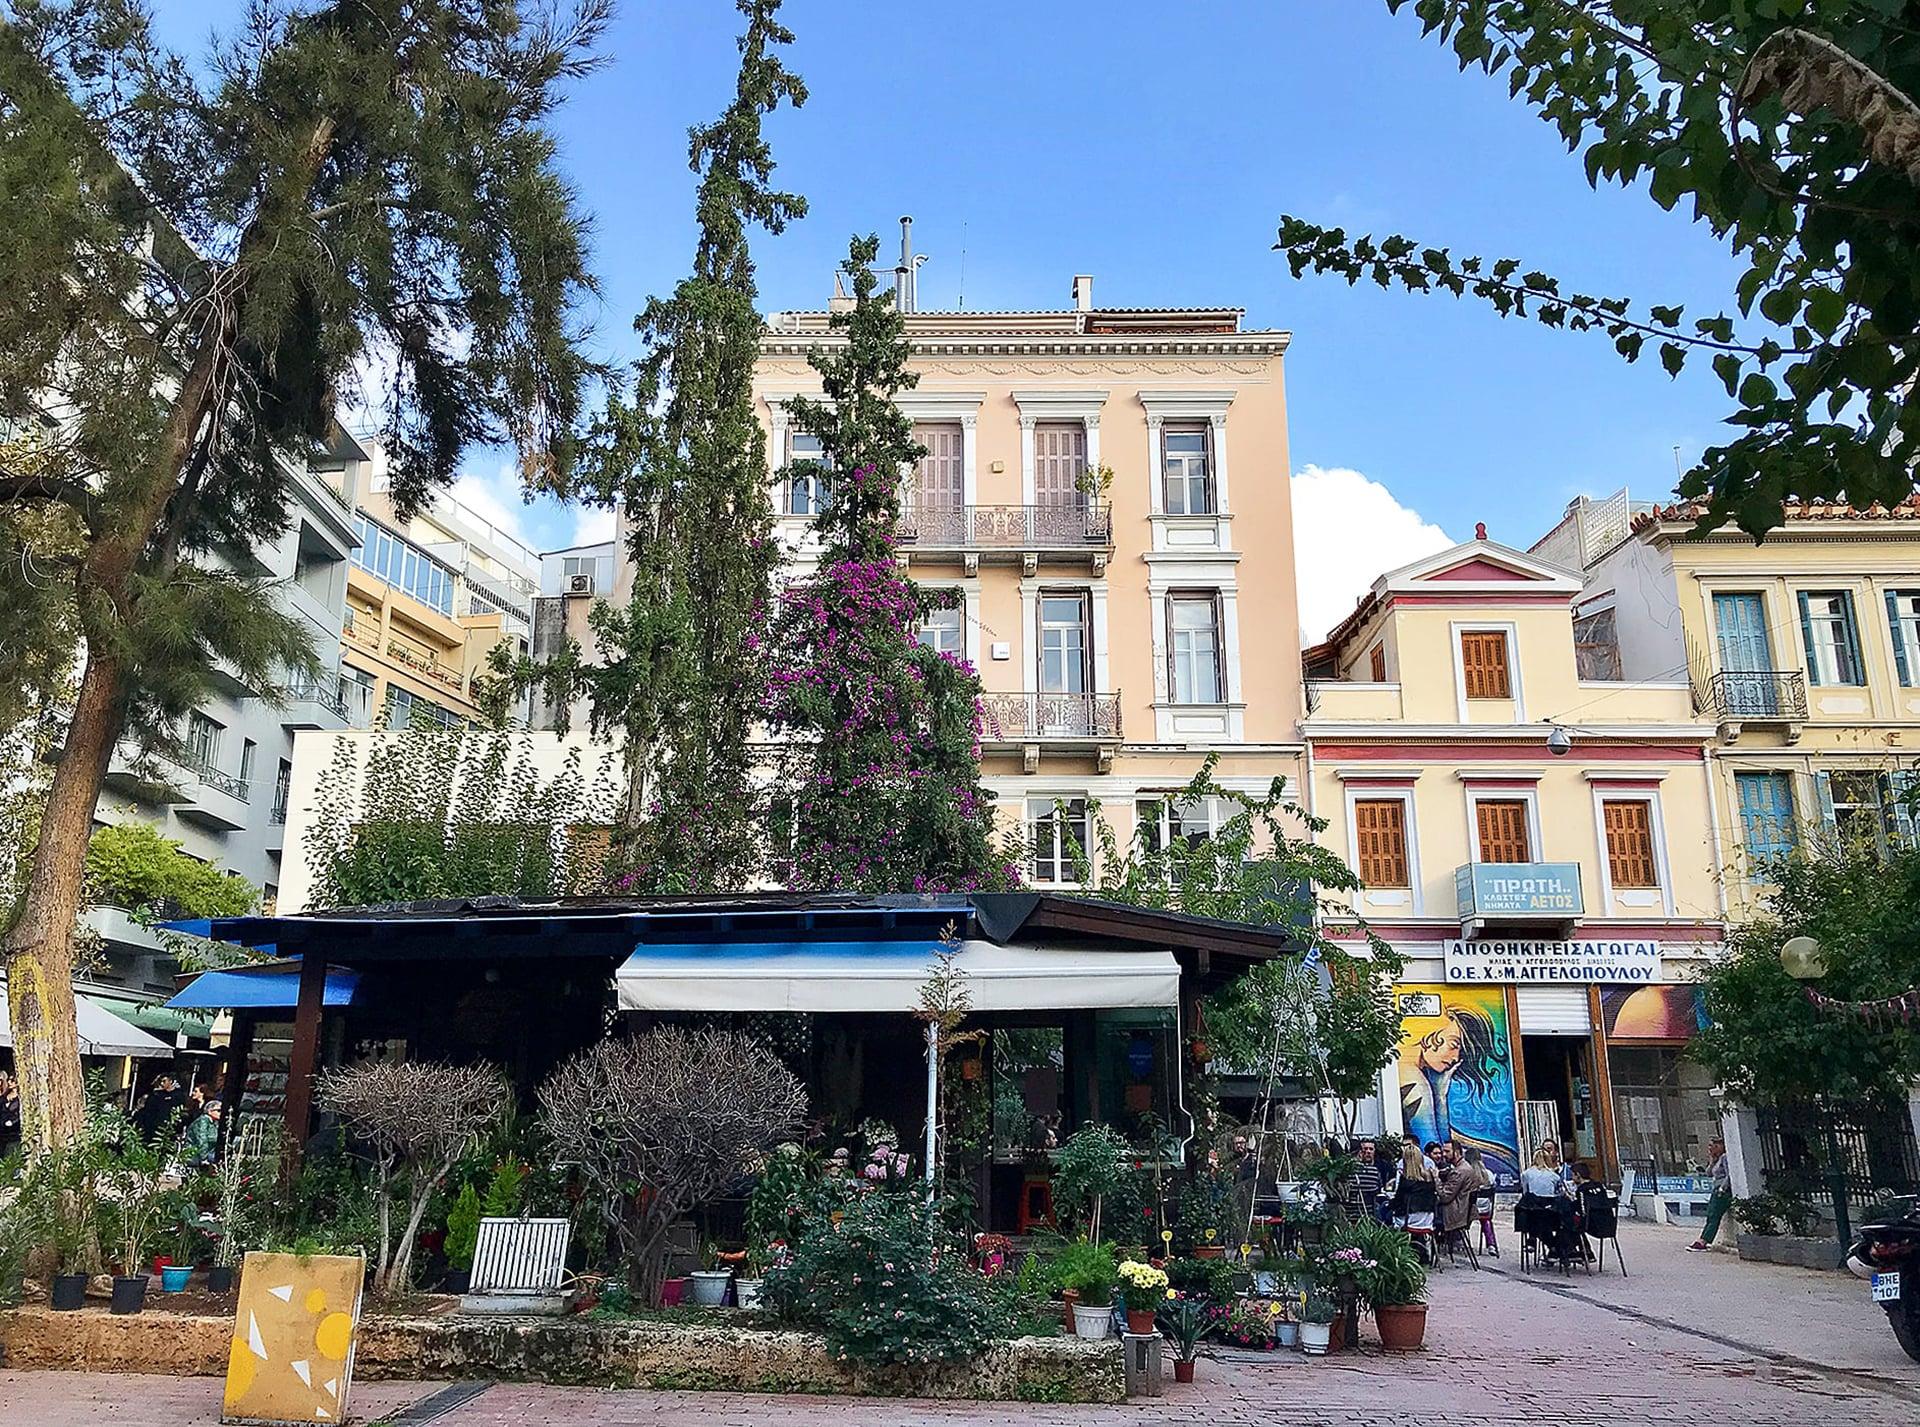 Athen Reisebericht: Innenstadt;